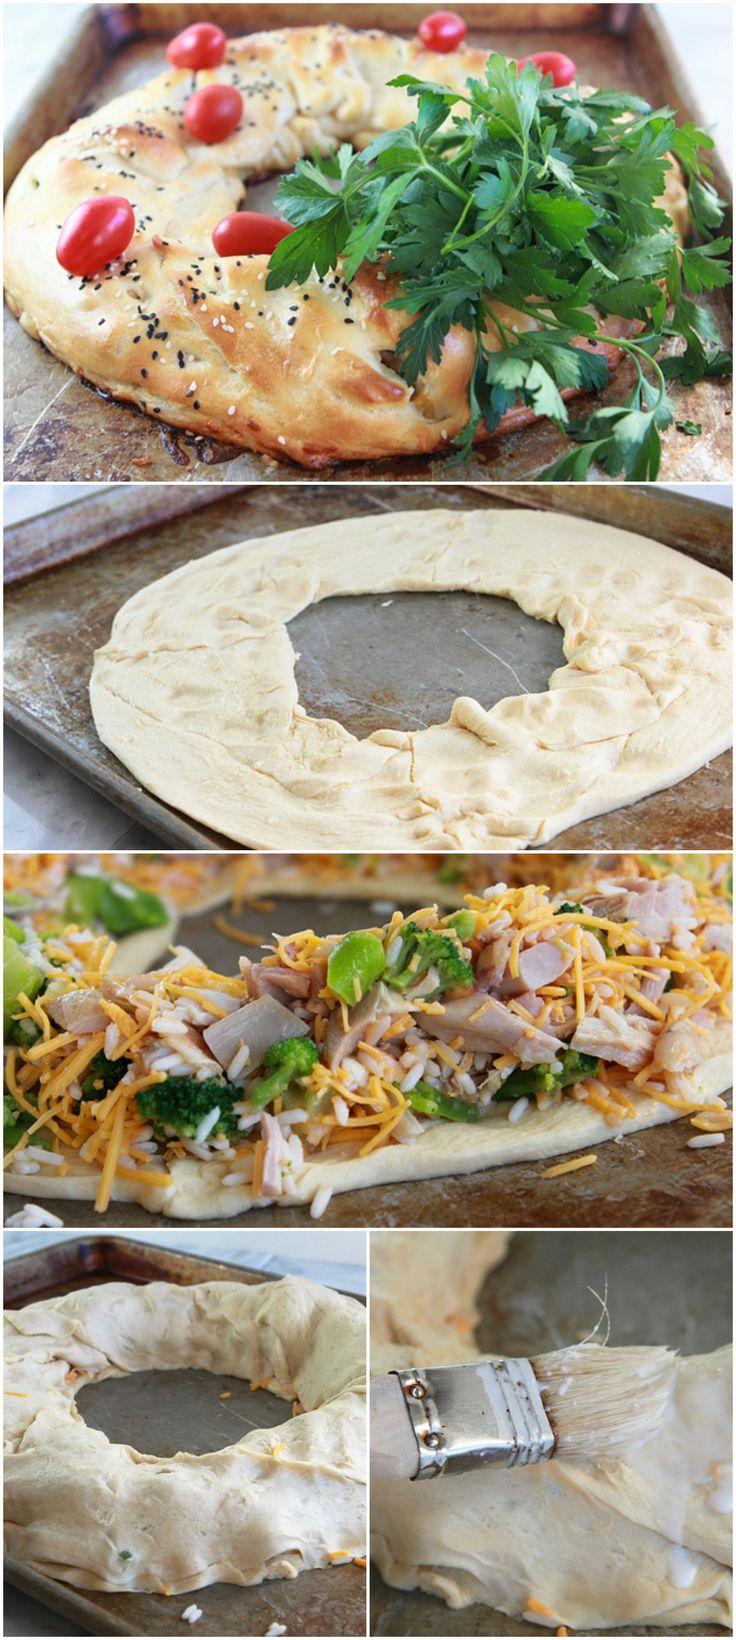 Cheesy Chicken and Broccoli Crescent Wreath | Recipe